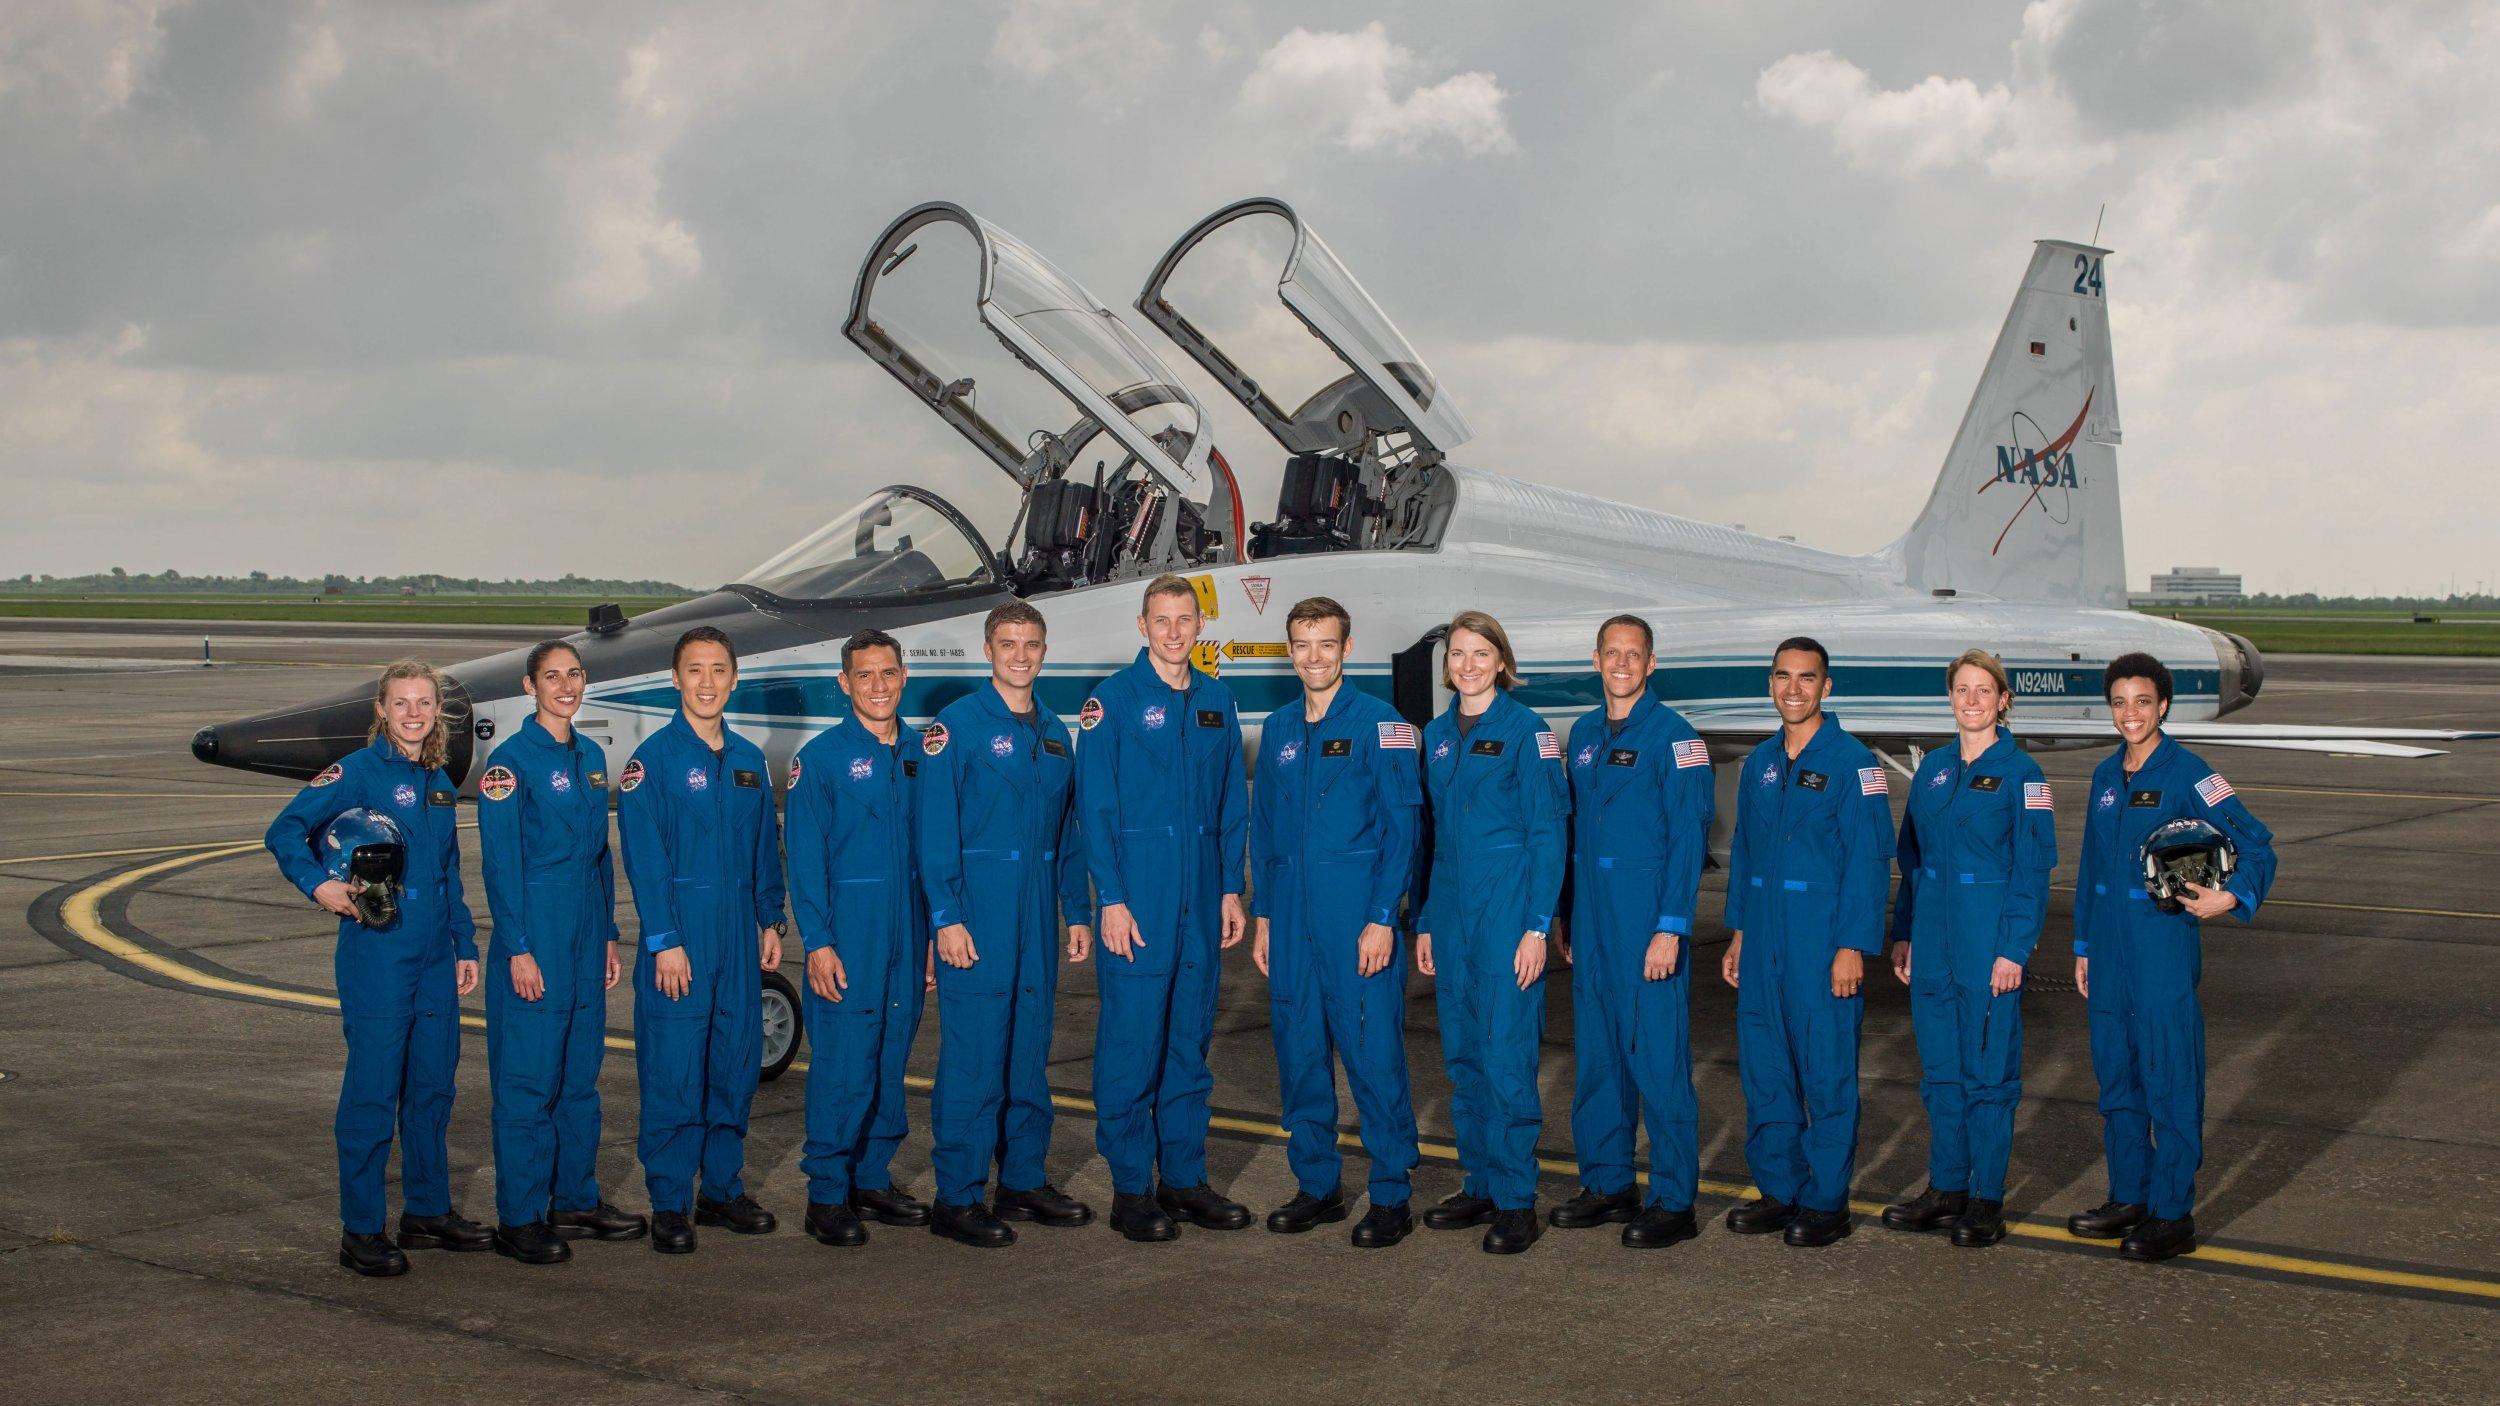 6-7-17 Astronauts 2017 class